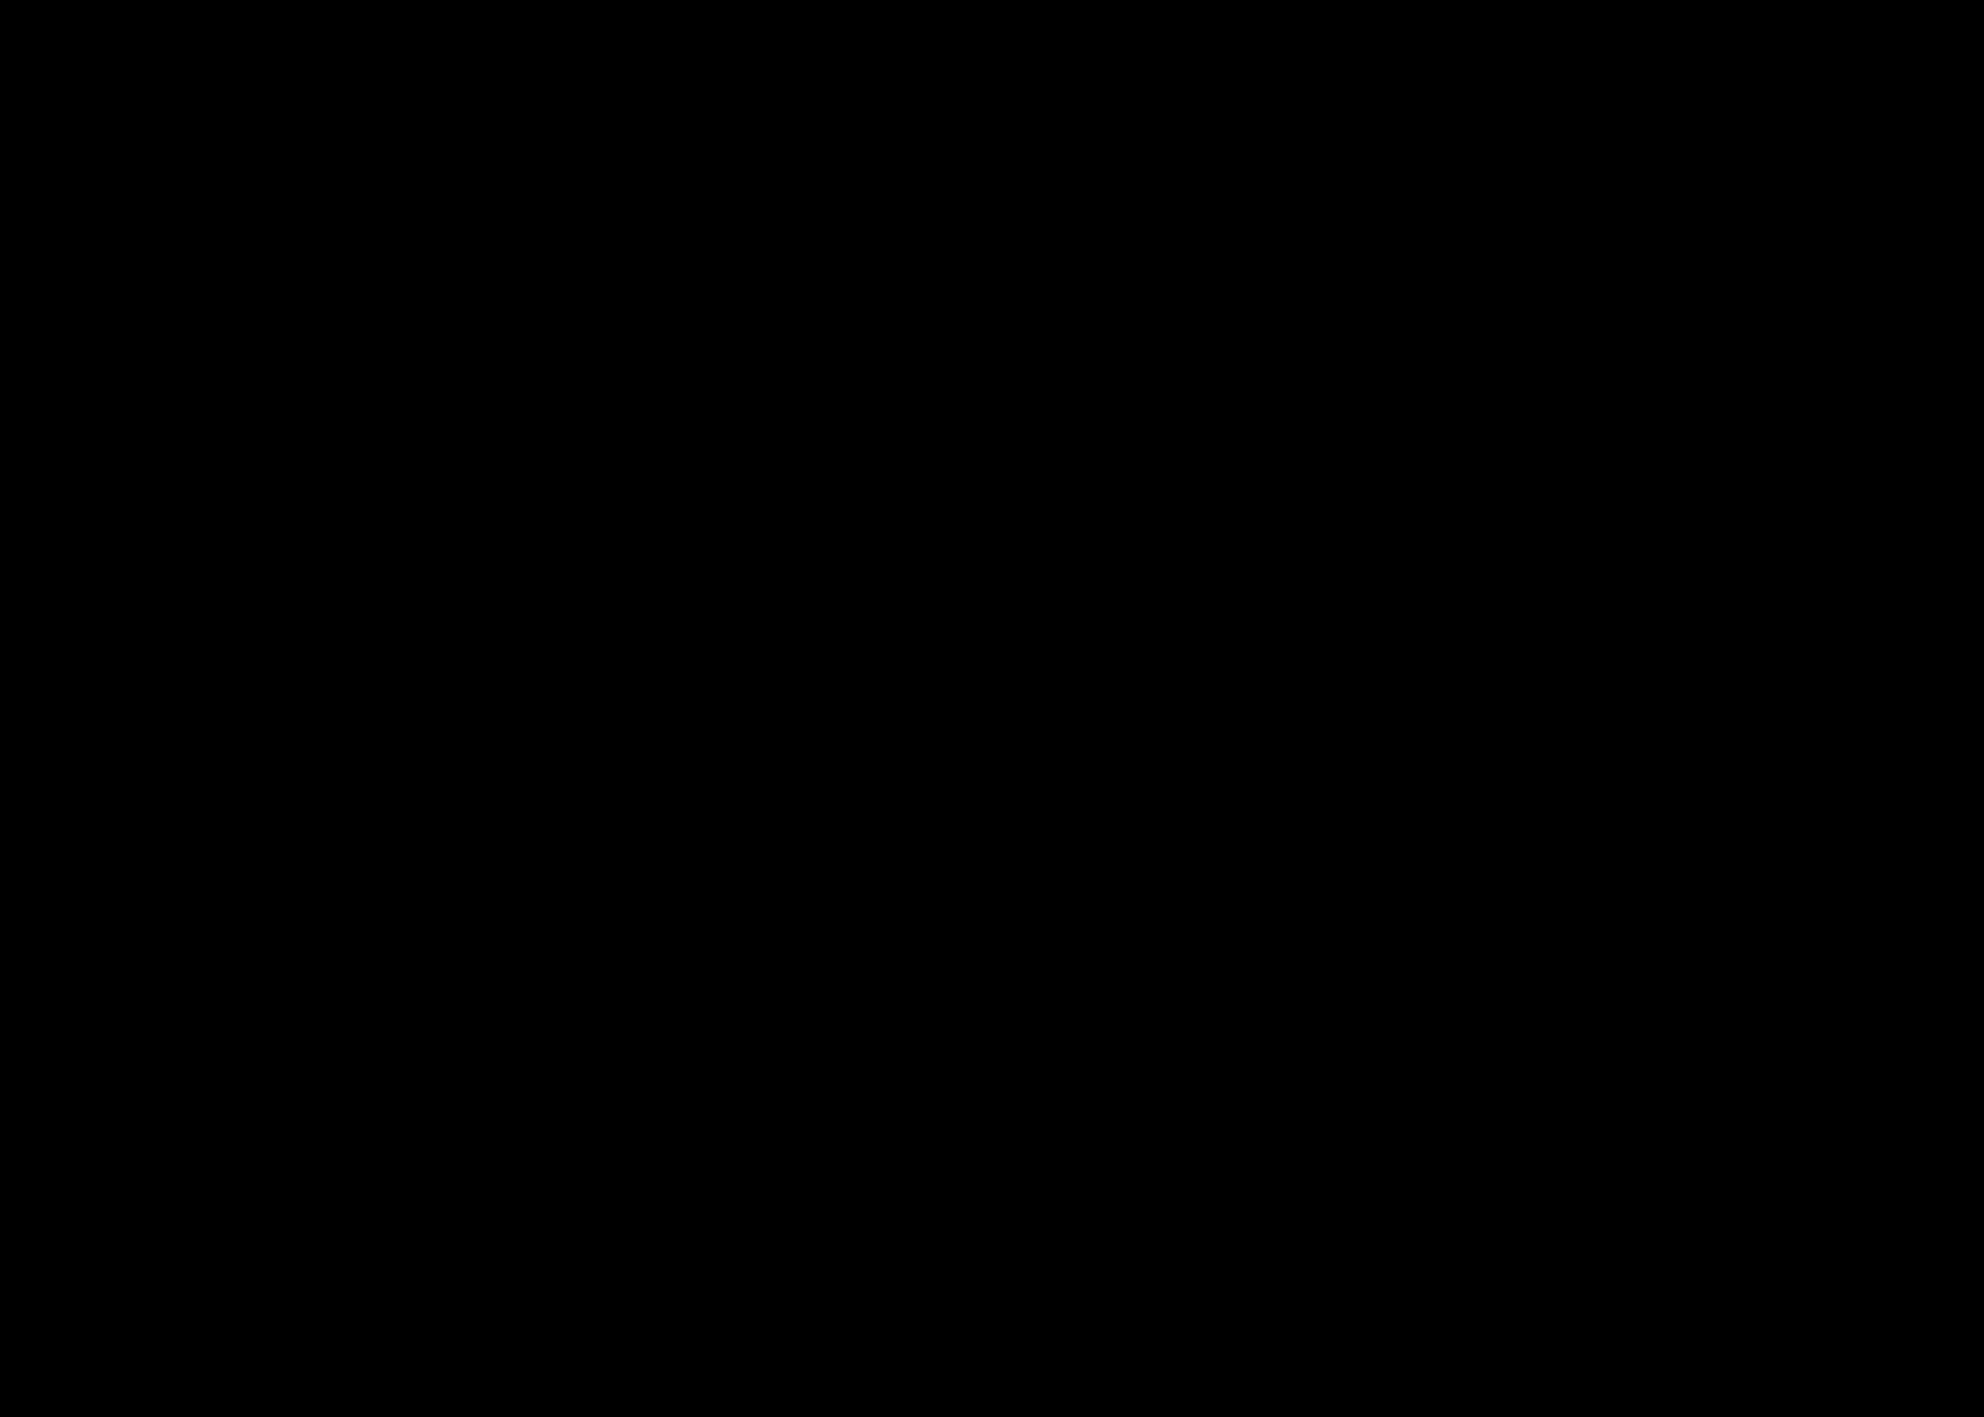 peeto